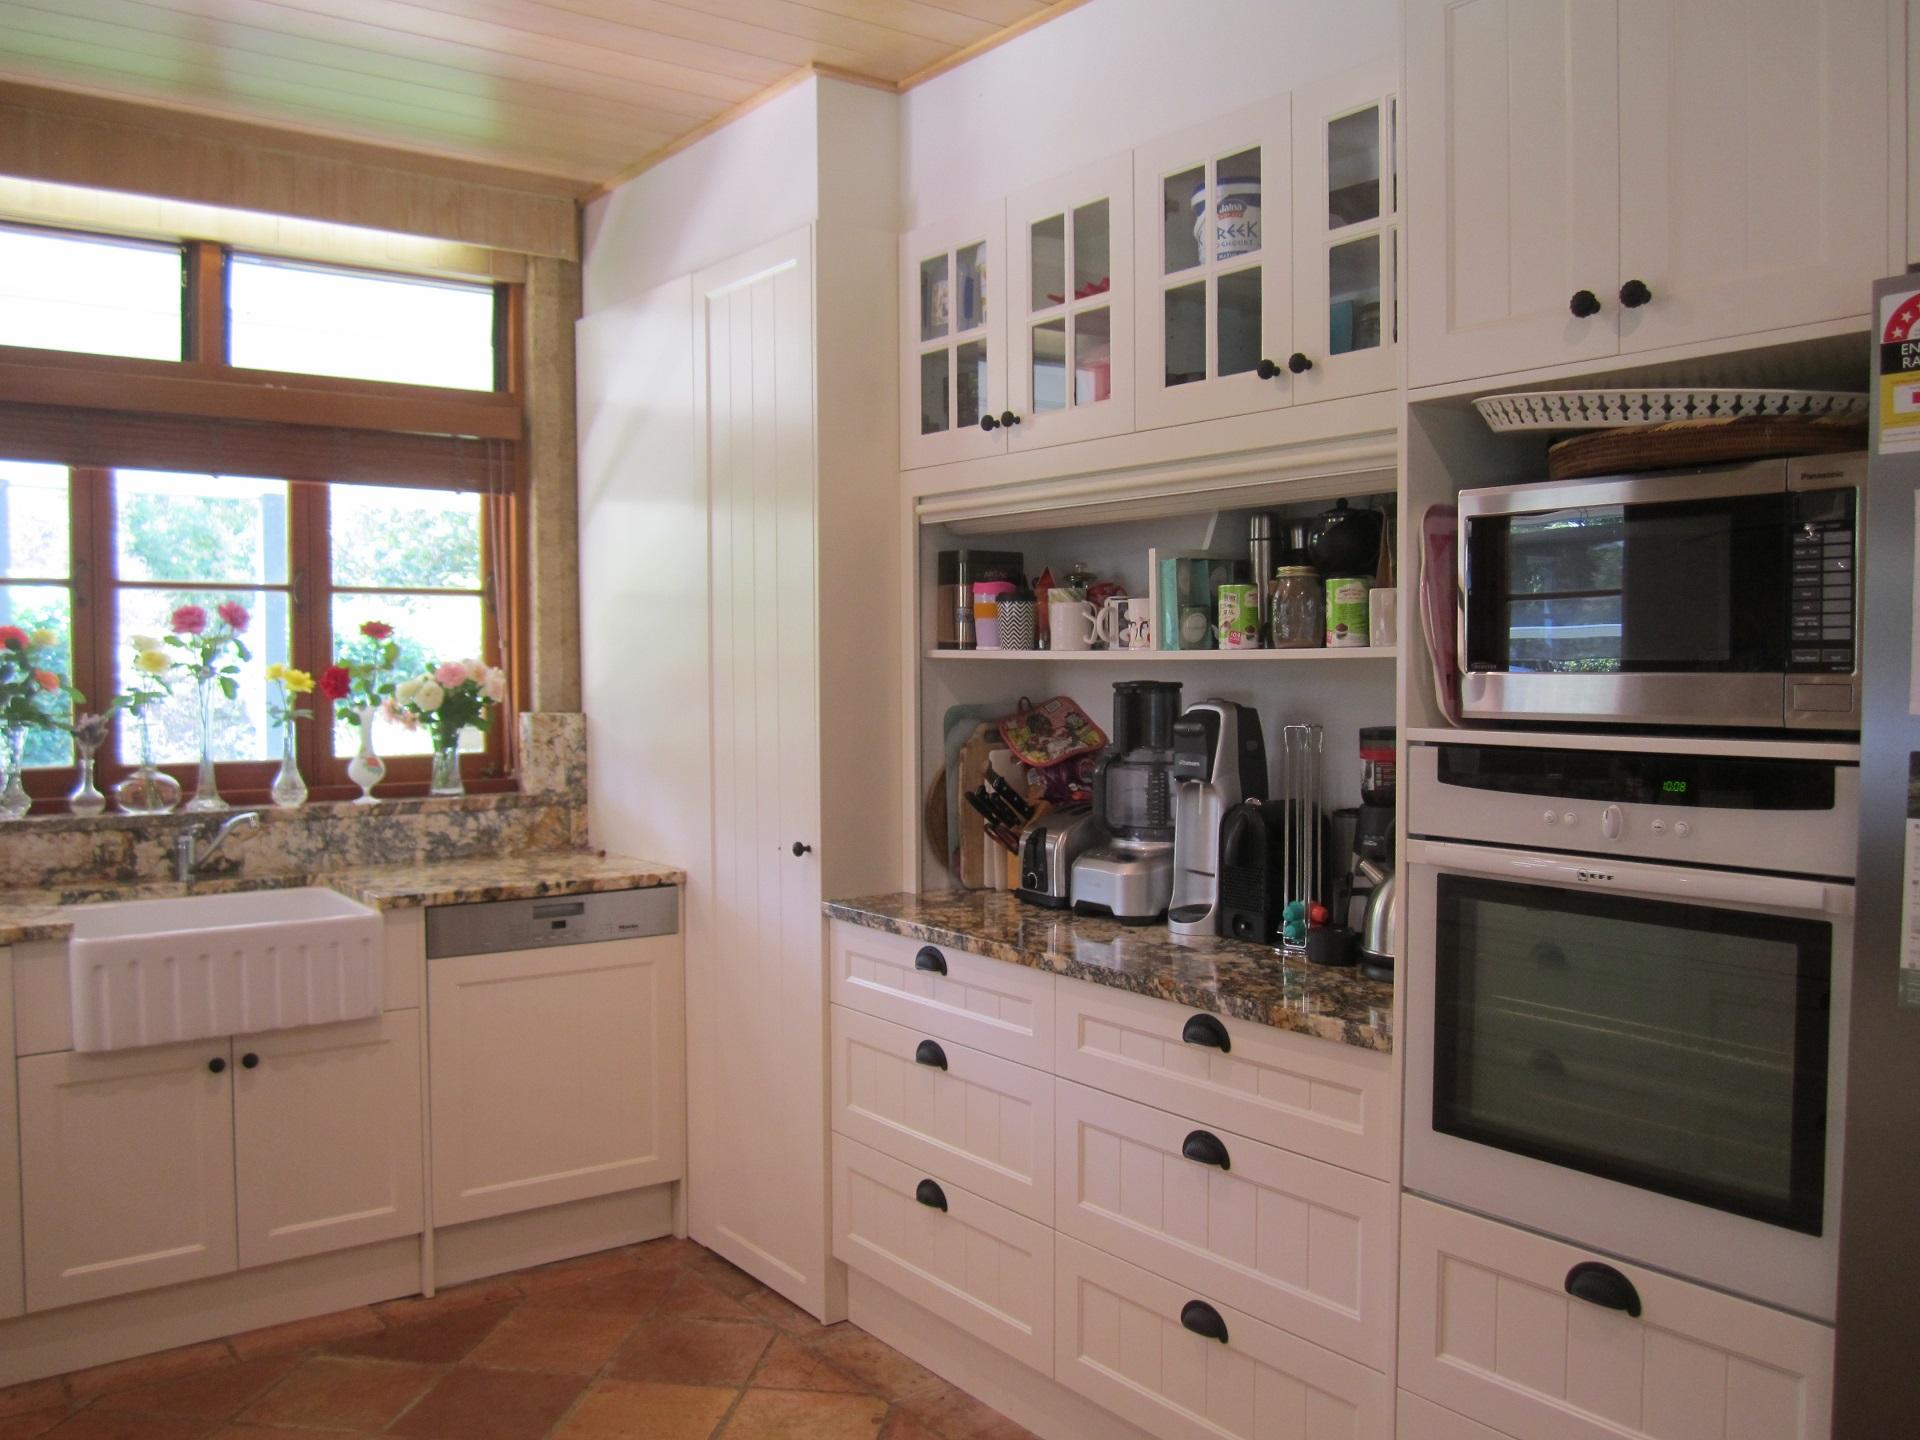 Brisbane Kitchen Design Samford Traditional Kitchen Renovation Appliance Cupboard with Roller Door